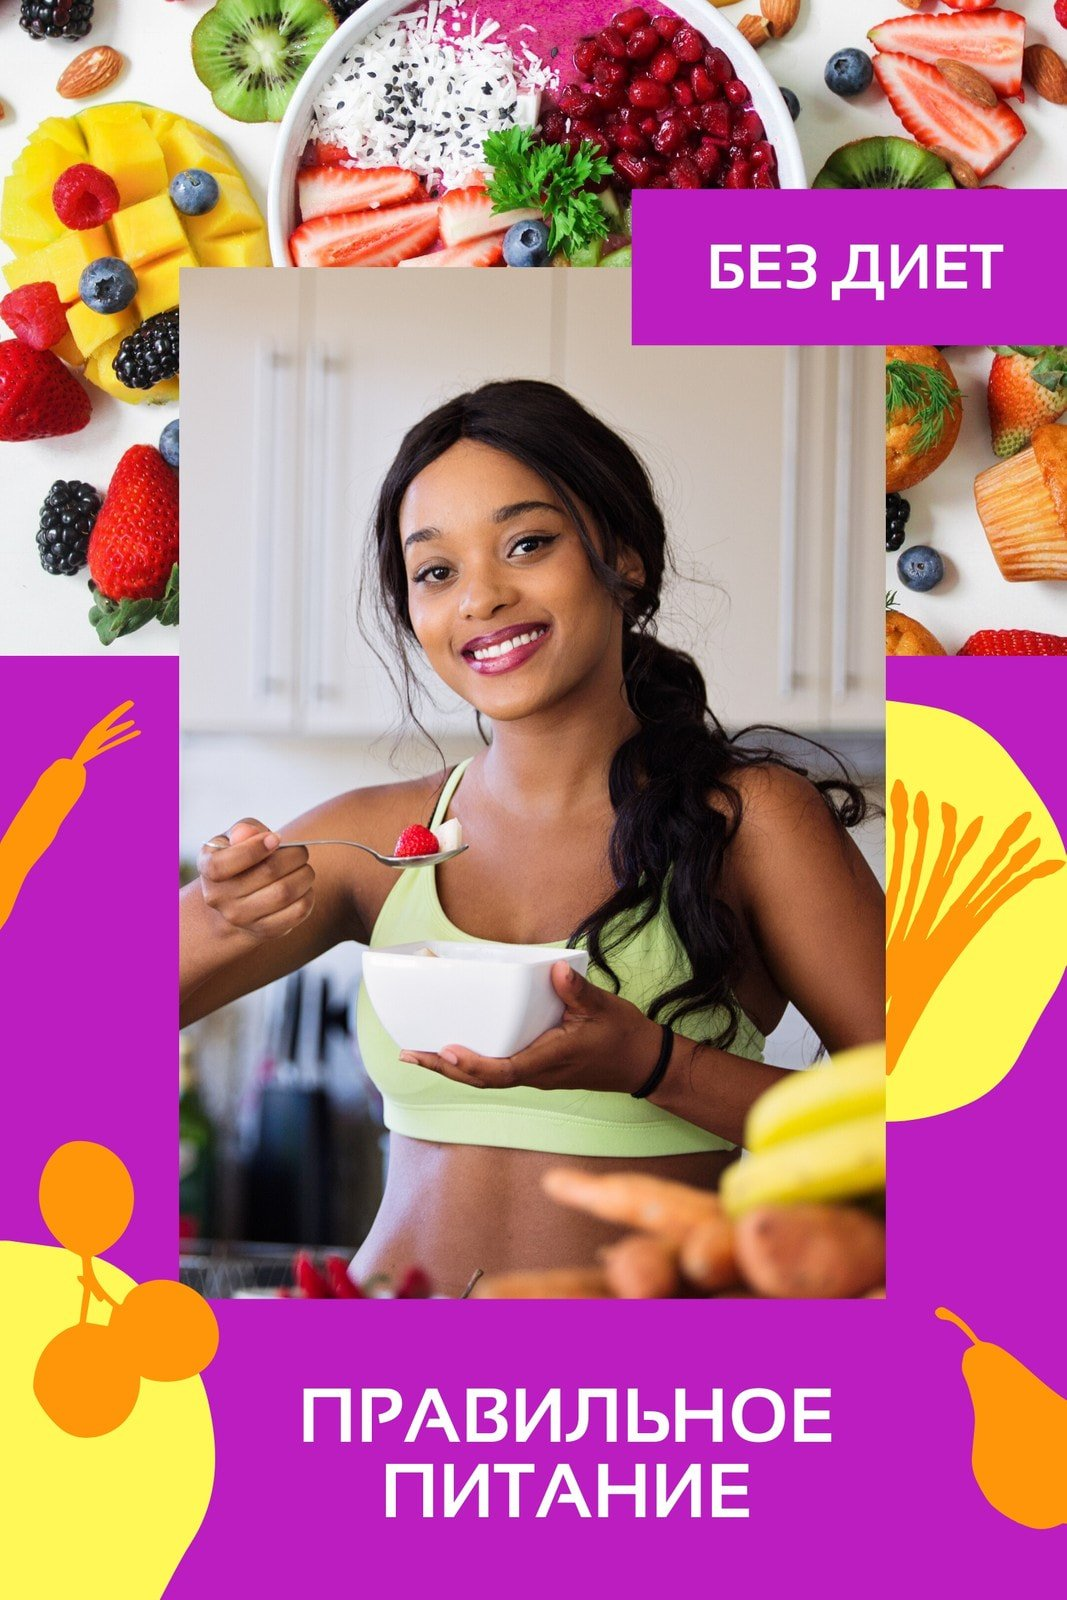 Цветное изображение профиля ВК с фотографией девушки и рисунками фруктов